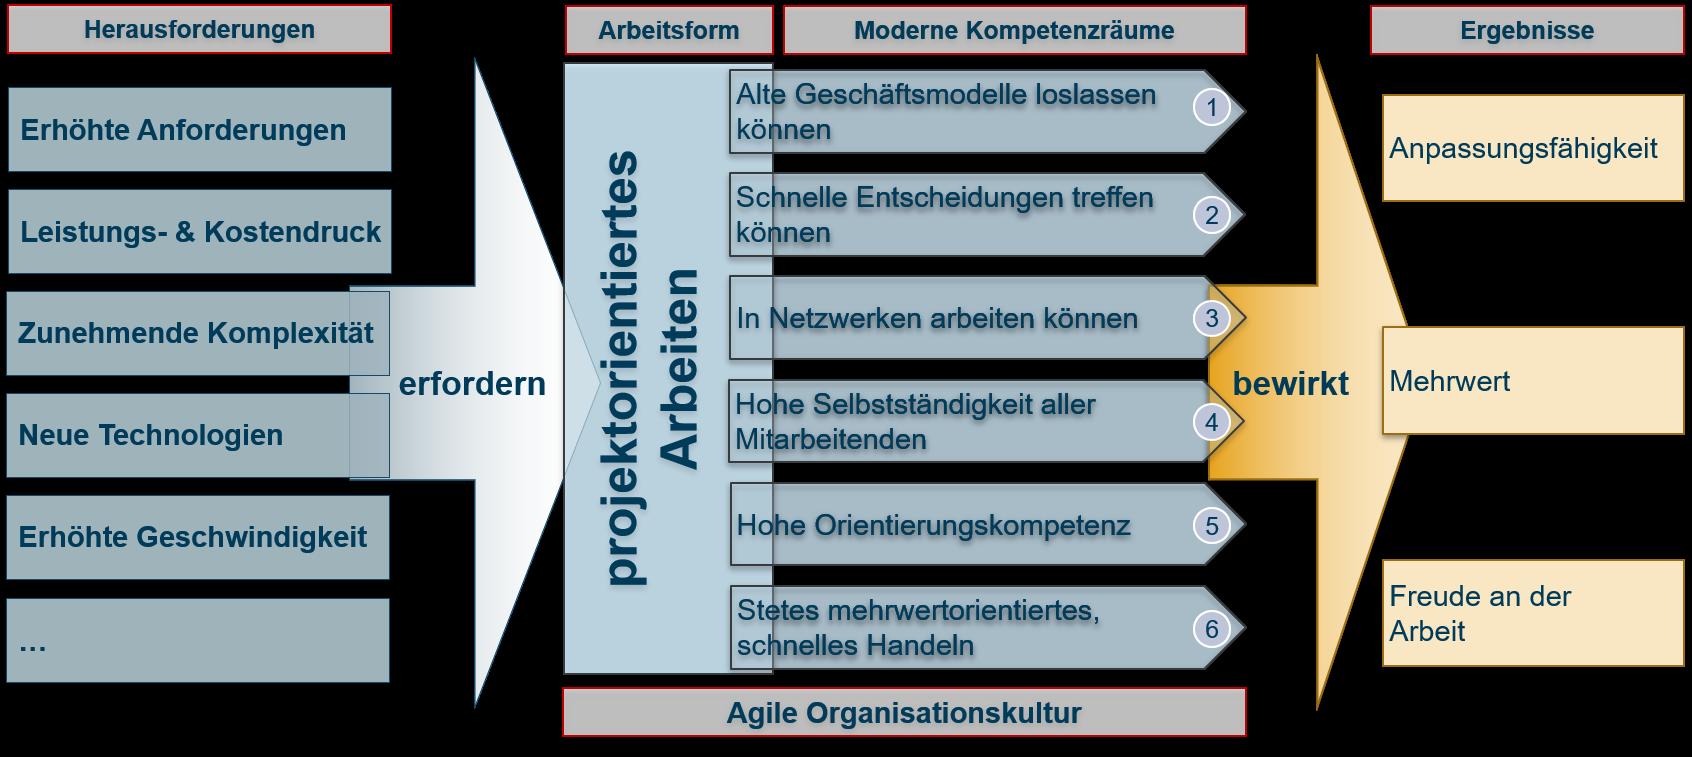 Grafische Darstellung der SPOL für agile Arbeitsform und moderneKompetenzräume